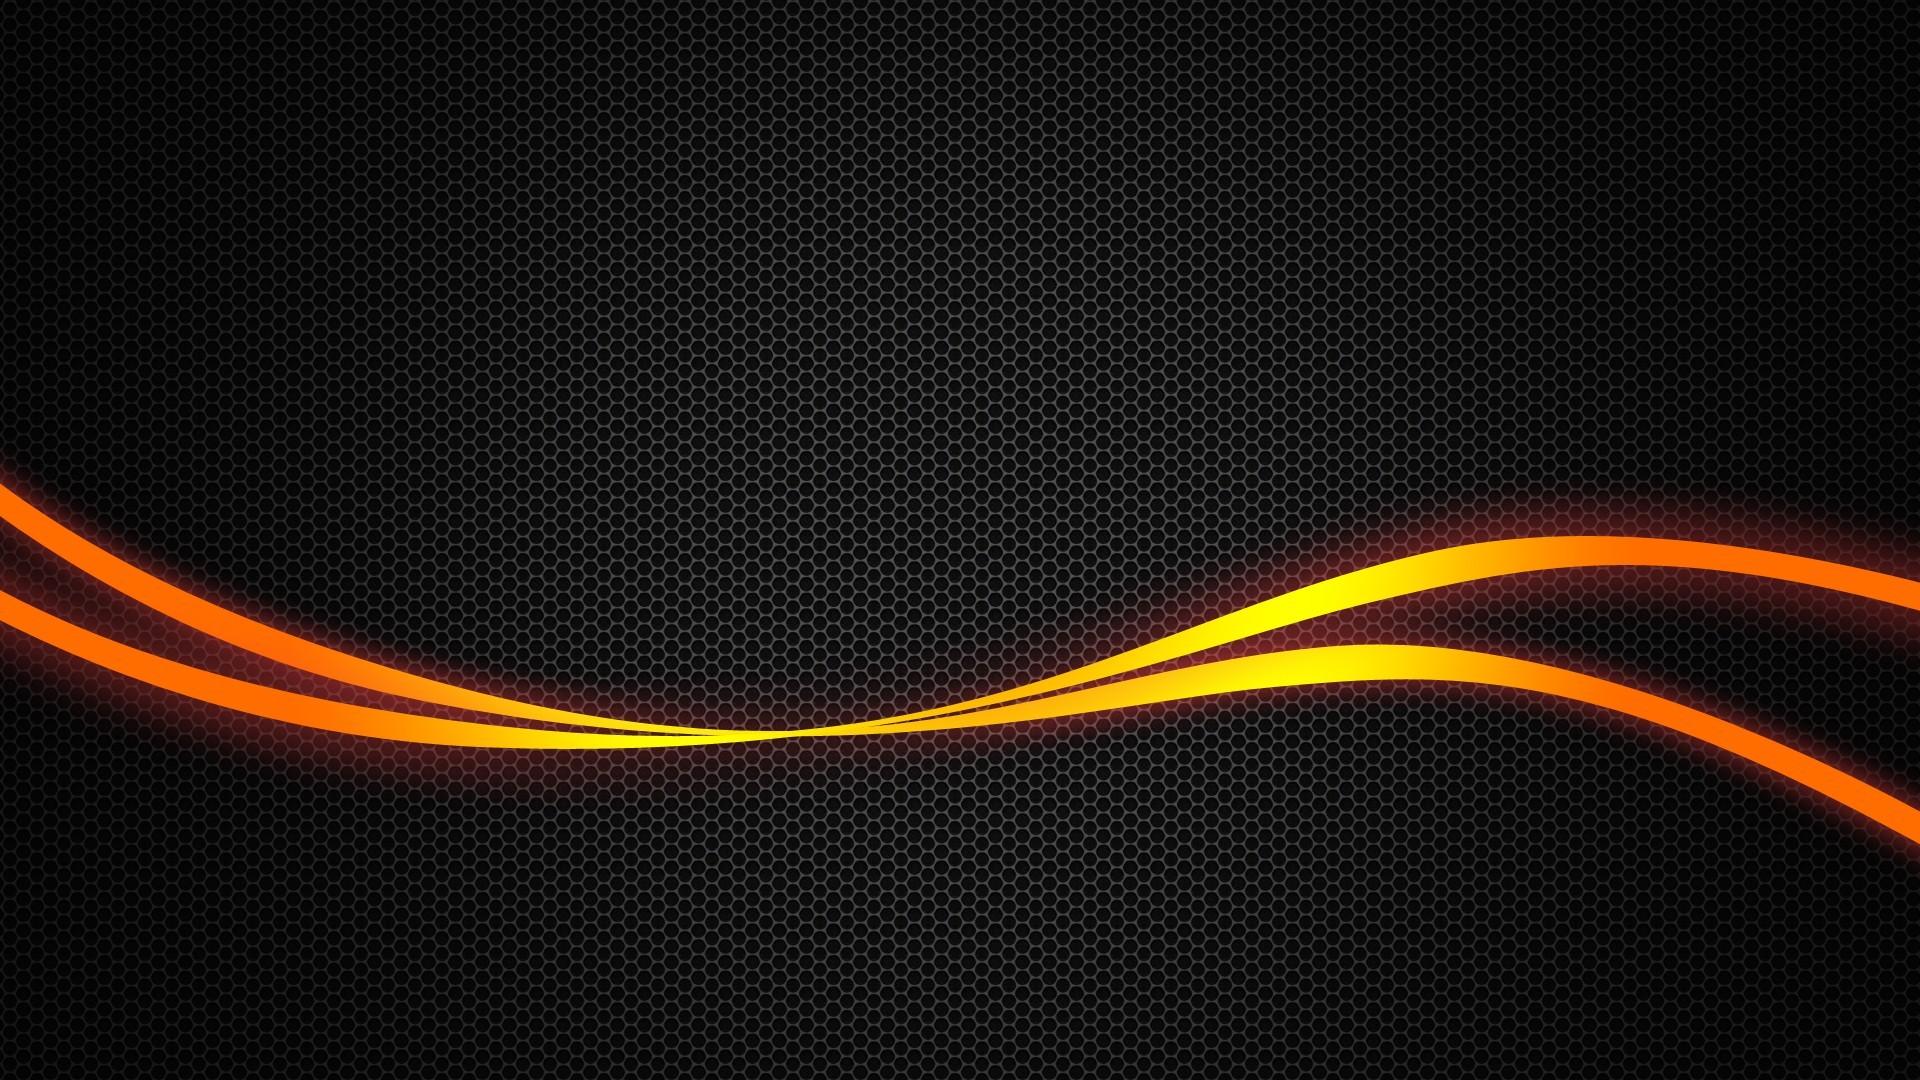 Orange and Black Wallpaper - WallpaperSafari